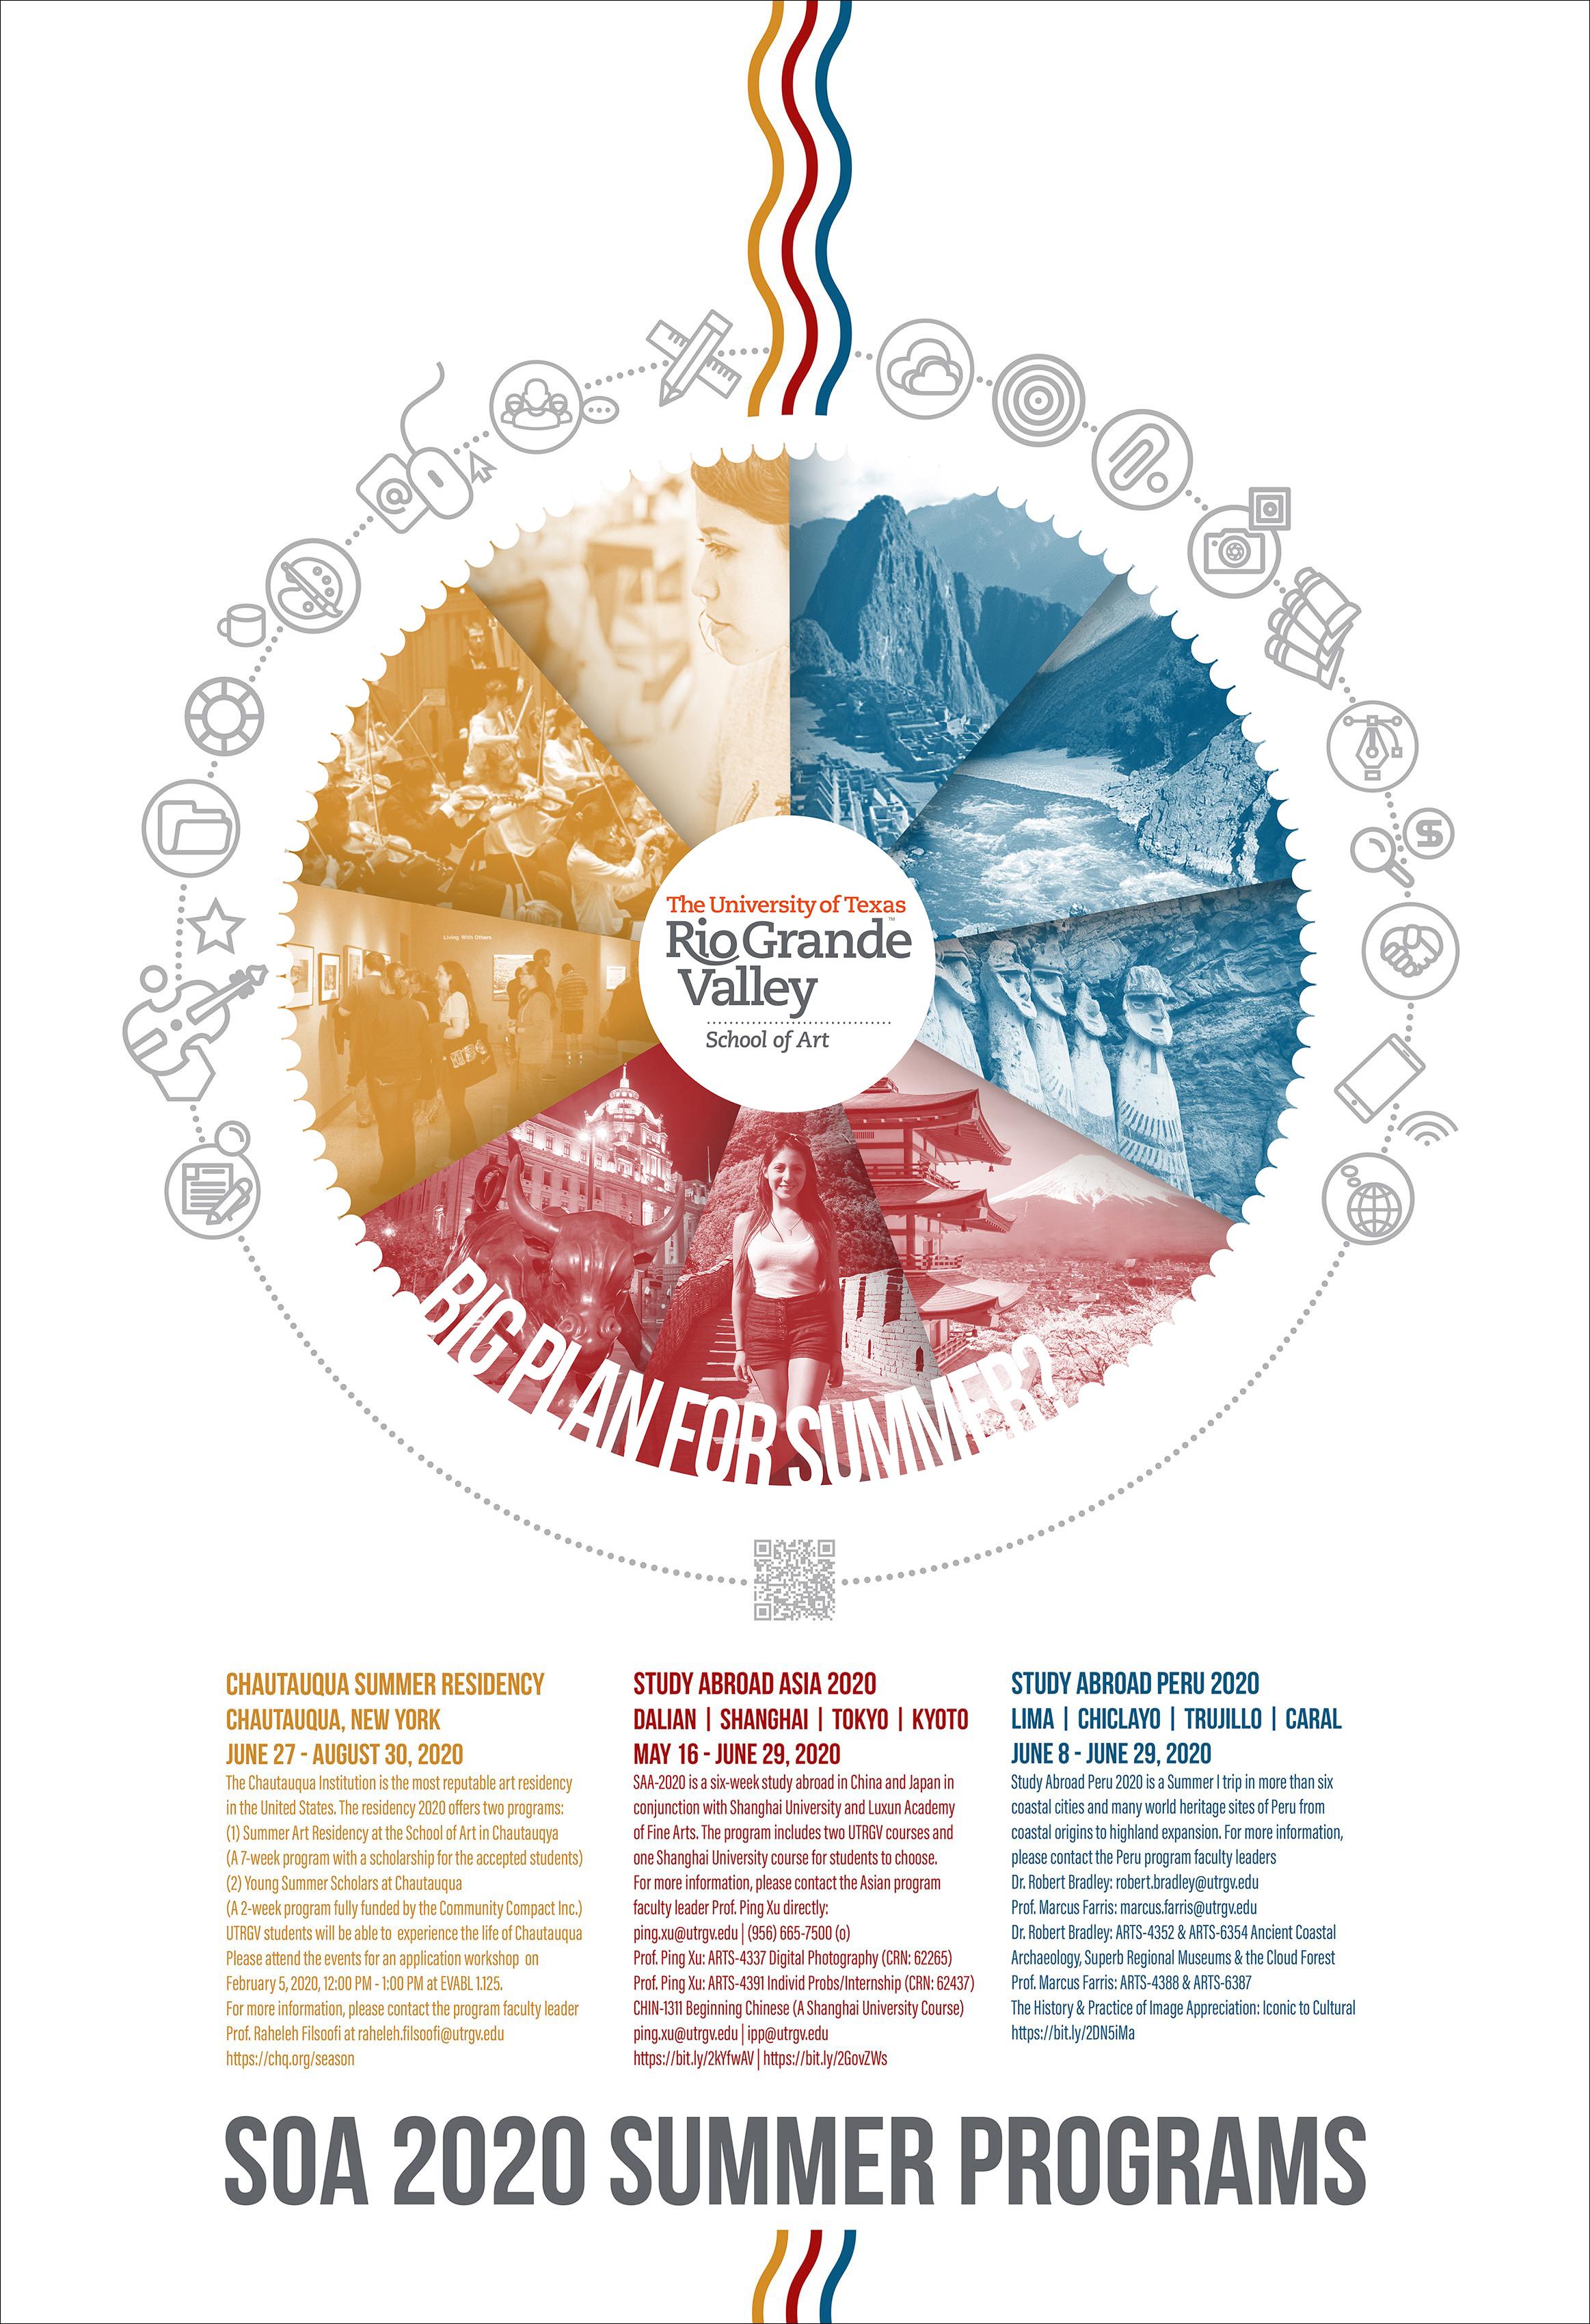 SOA-2020 Summer Programs Poster